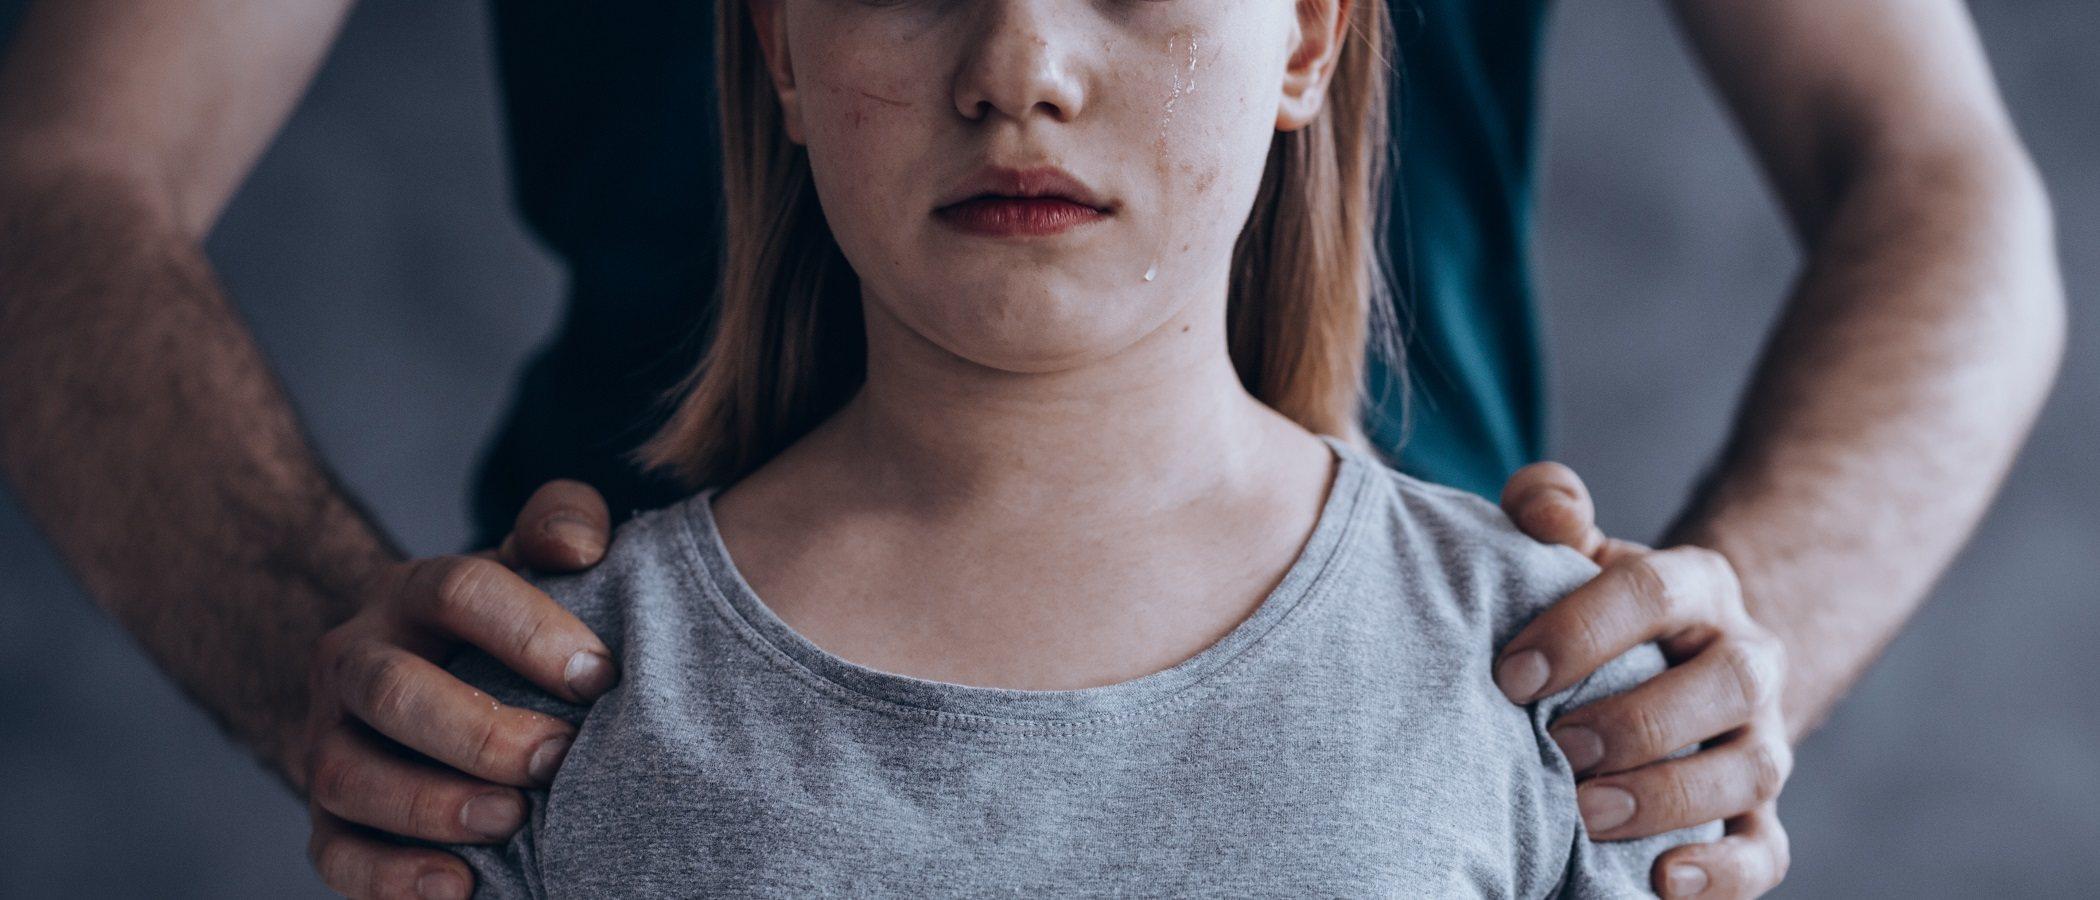 Cómo evitar el síndrome de hombros caídos en los niños